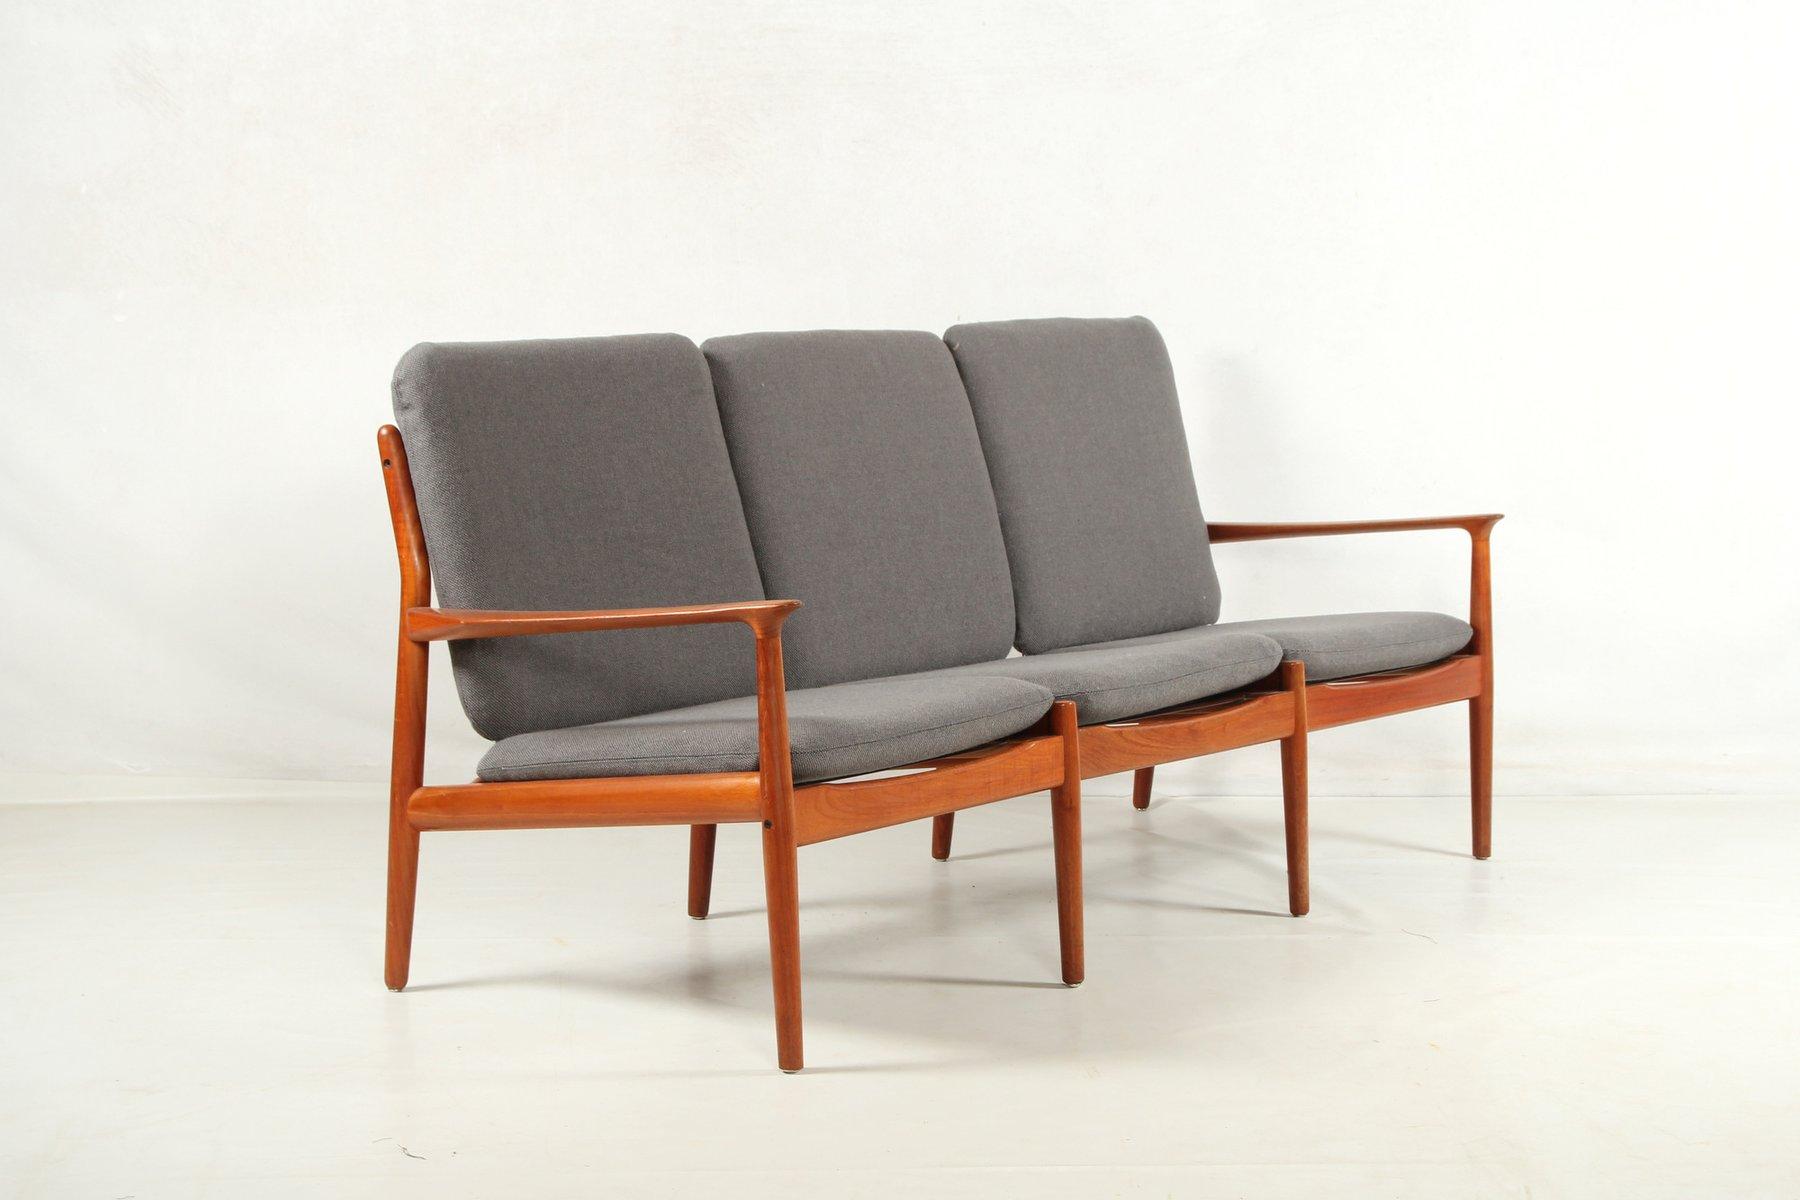 Vintage teak sofa by grete jalk for glostrup for sale at for Sofa 60er gebraucht